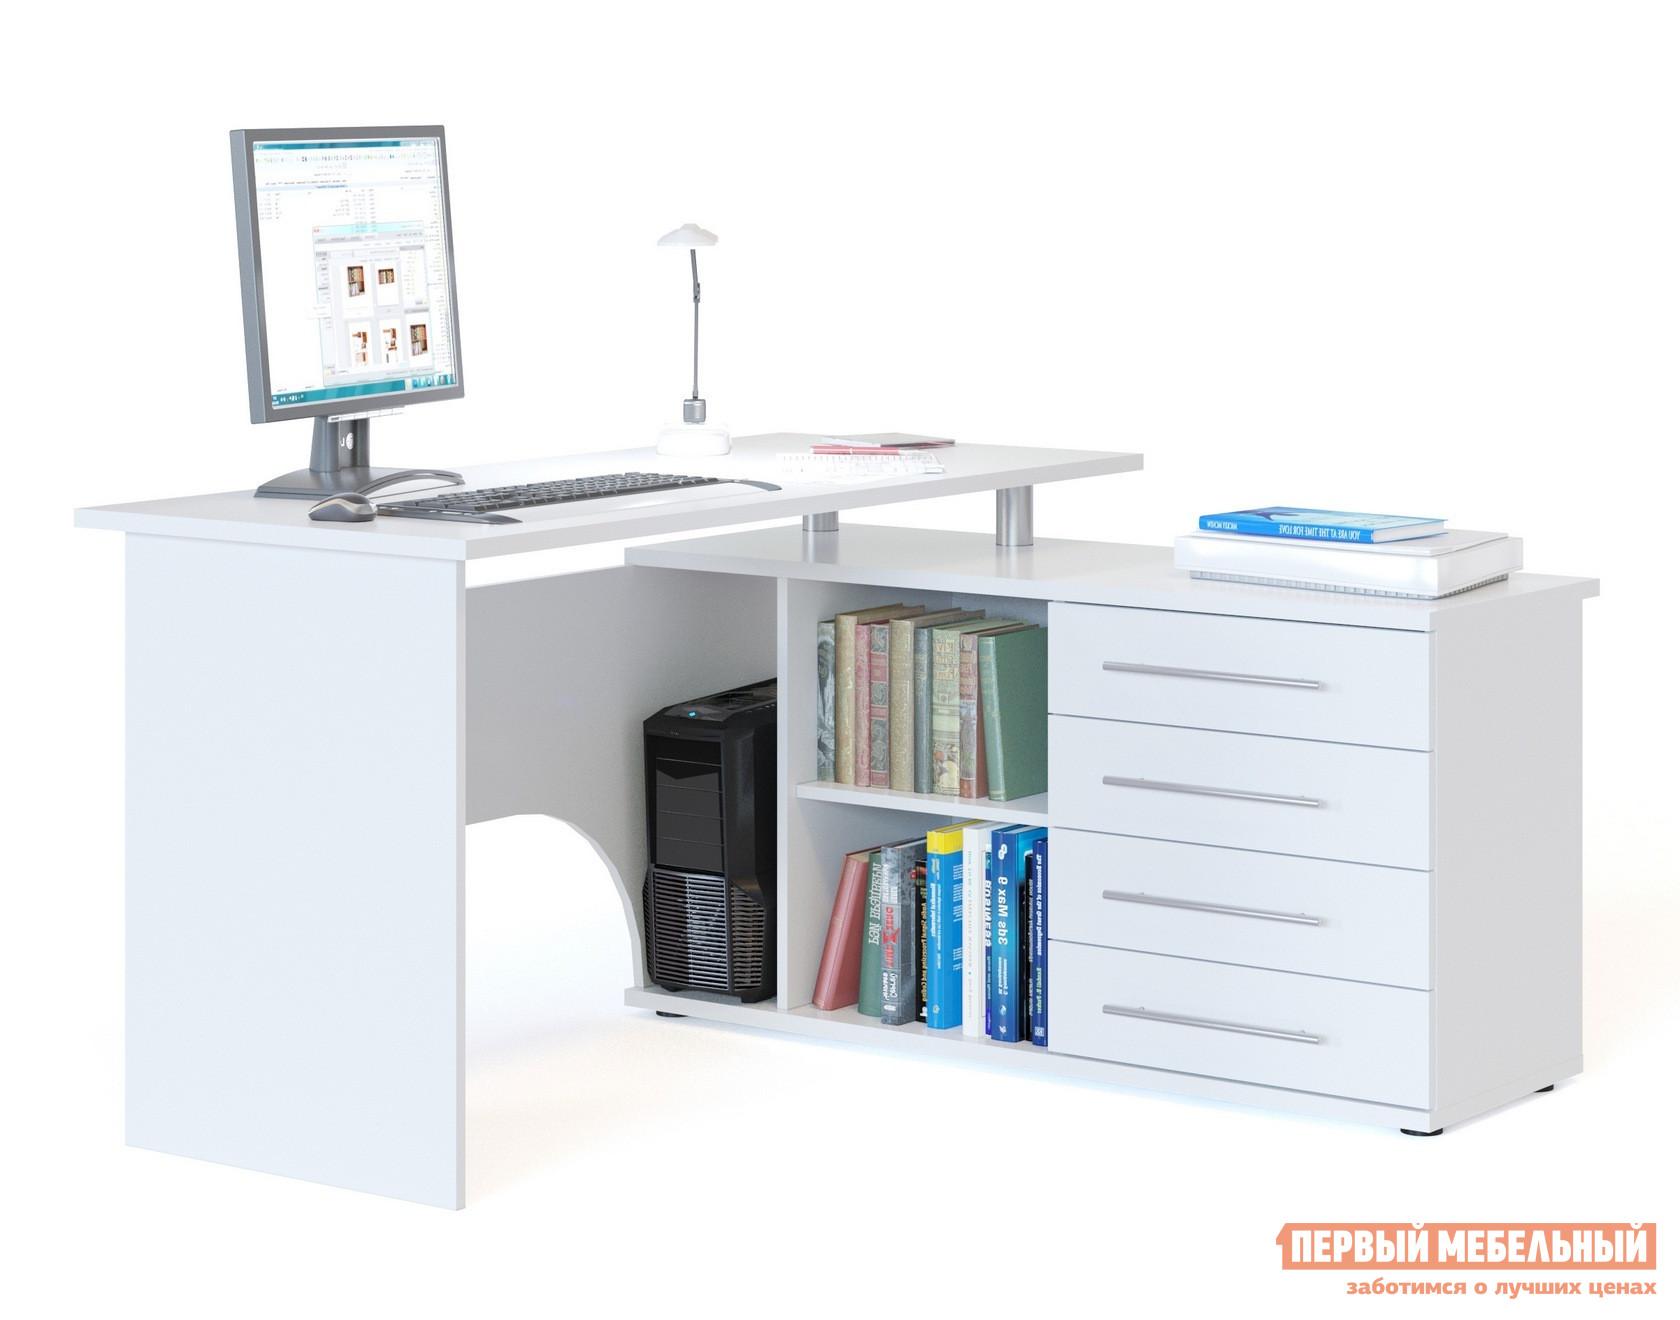 Компьютерный стол Сокол КСТ-109 Р (ДВП) Белый,Правый